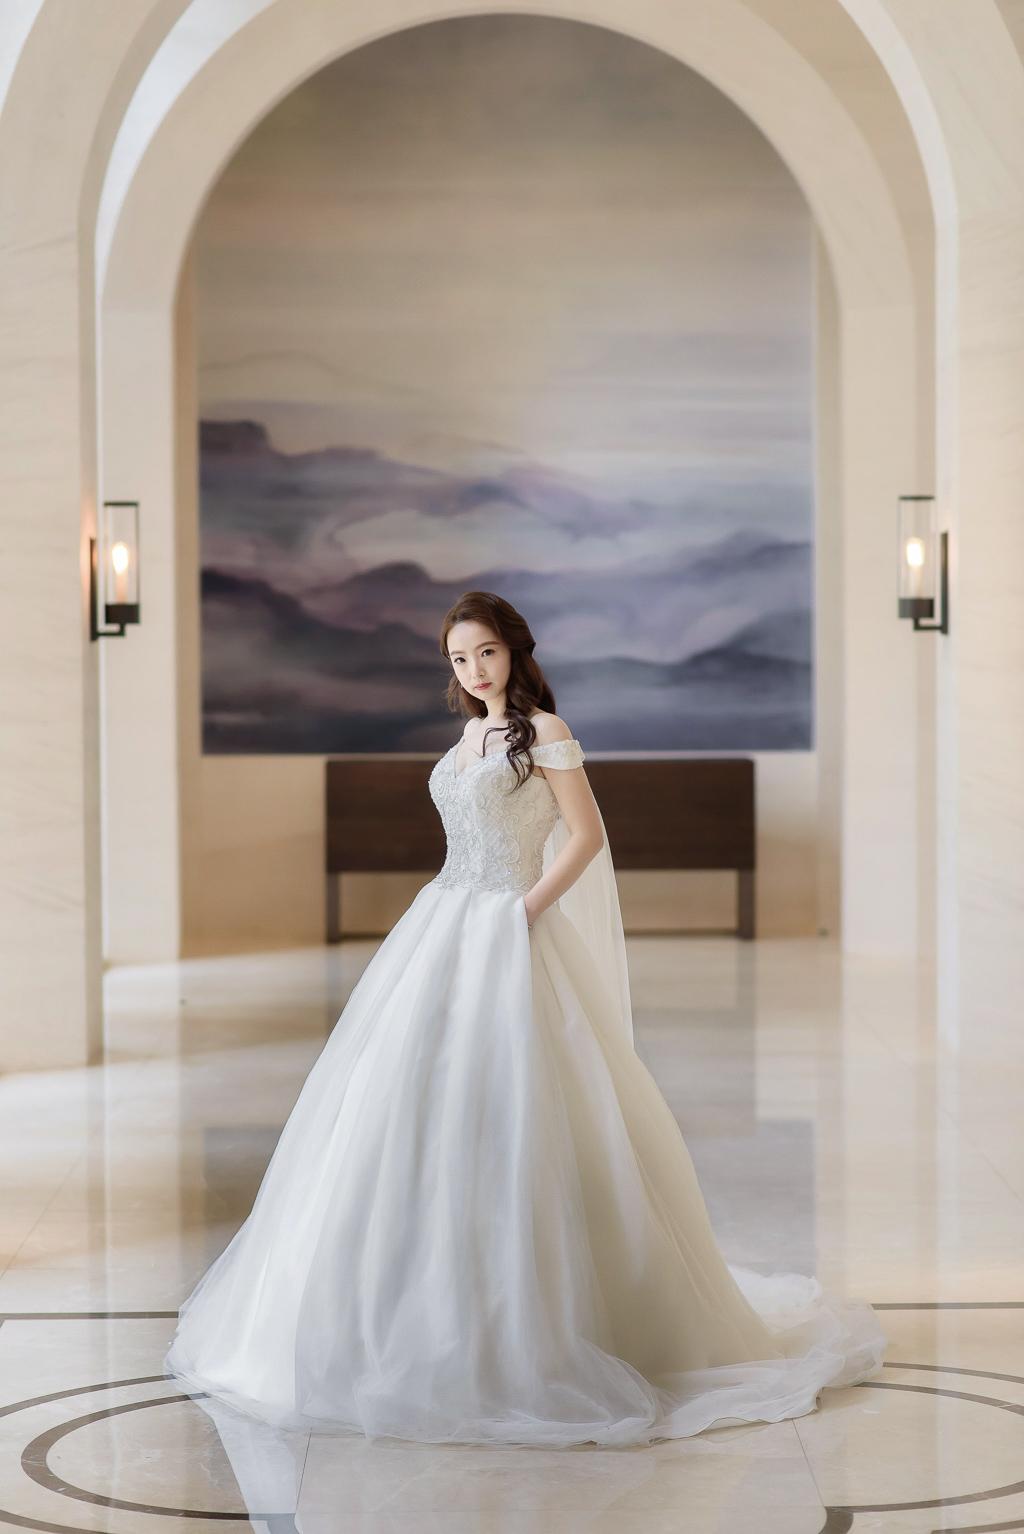 婚攝小勇,小寶團隊, 自助婚紗, 婚禮紀錄,朱飾戴吉-新娘秘書, 萬豪酒店,台北婚攝,wedding day-107